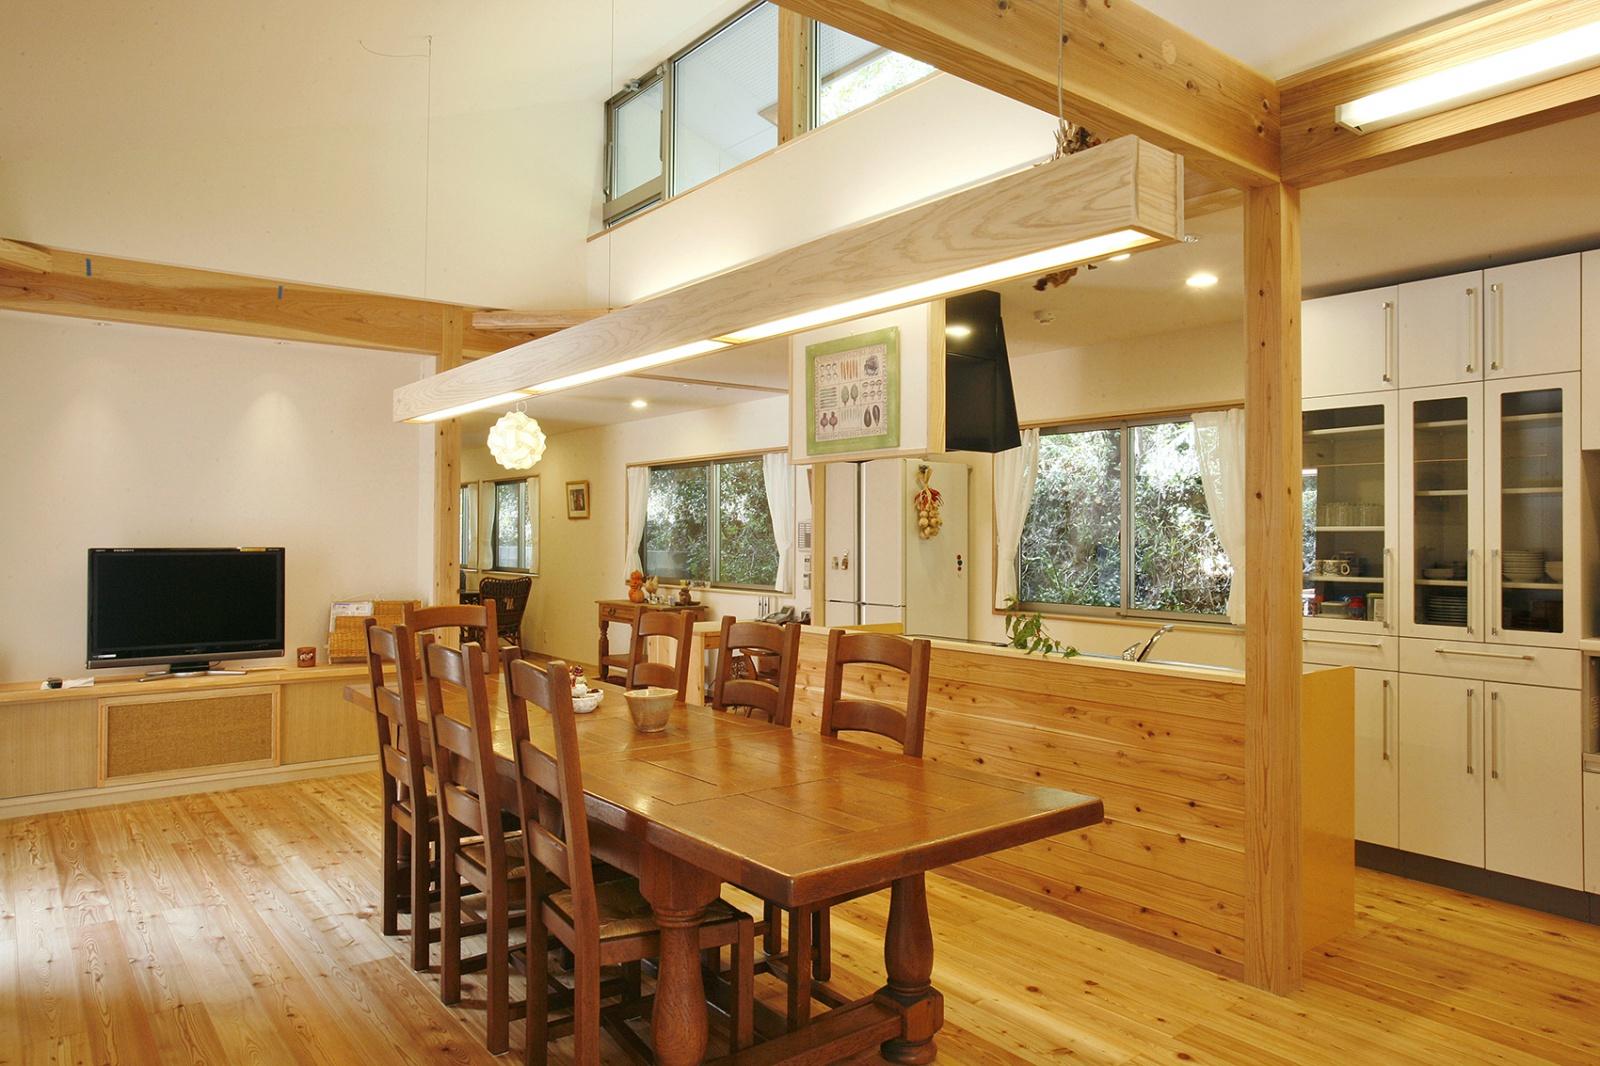 食堂兼リビング。無垢材の梁と唐松の床材が見た目にもやさしく、ご入居者の皆さまにくつろいでいただけます。